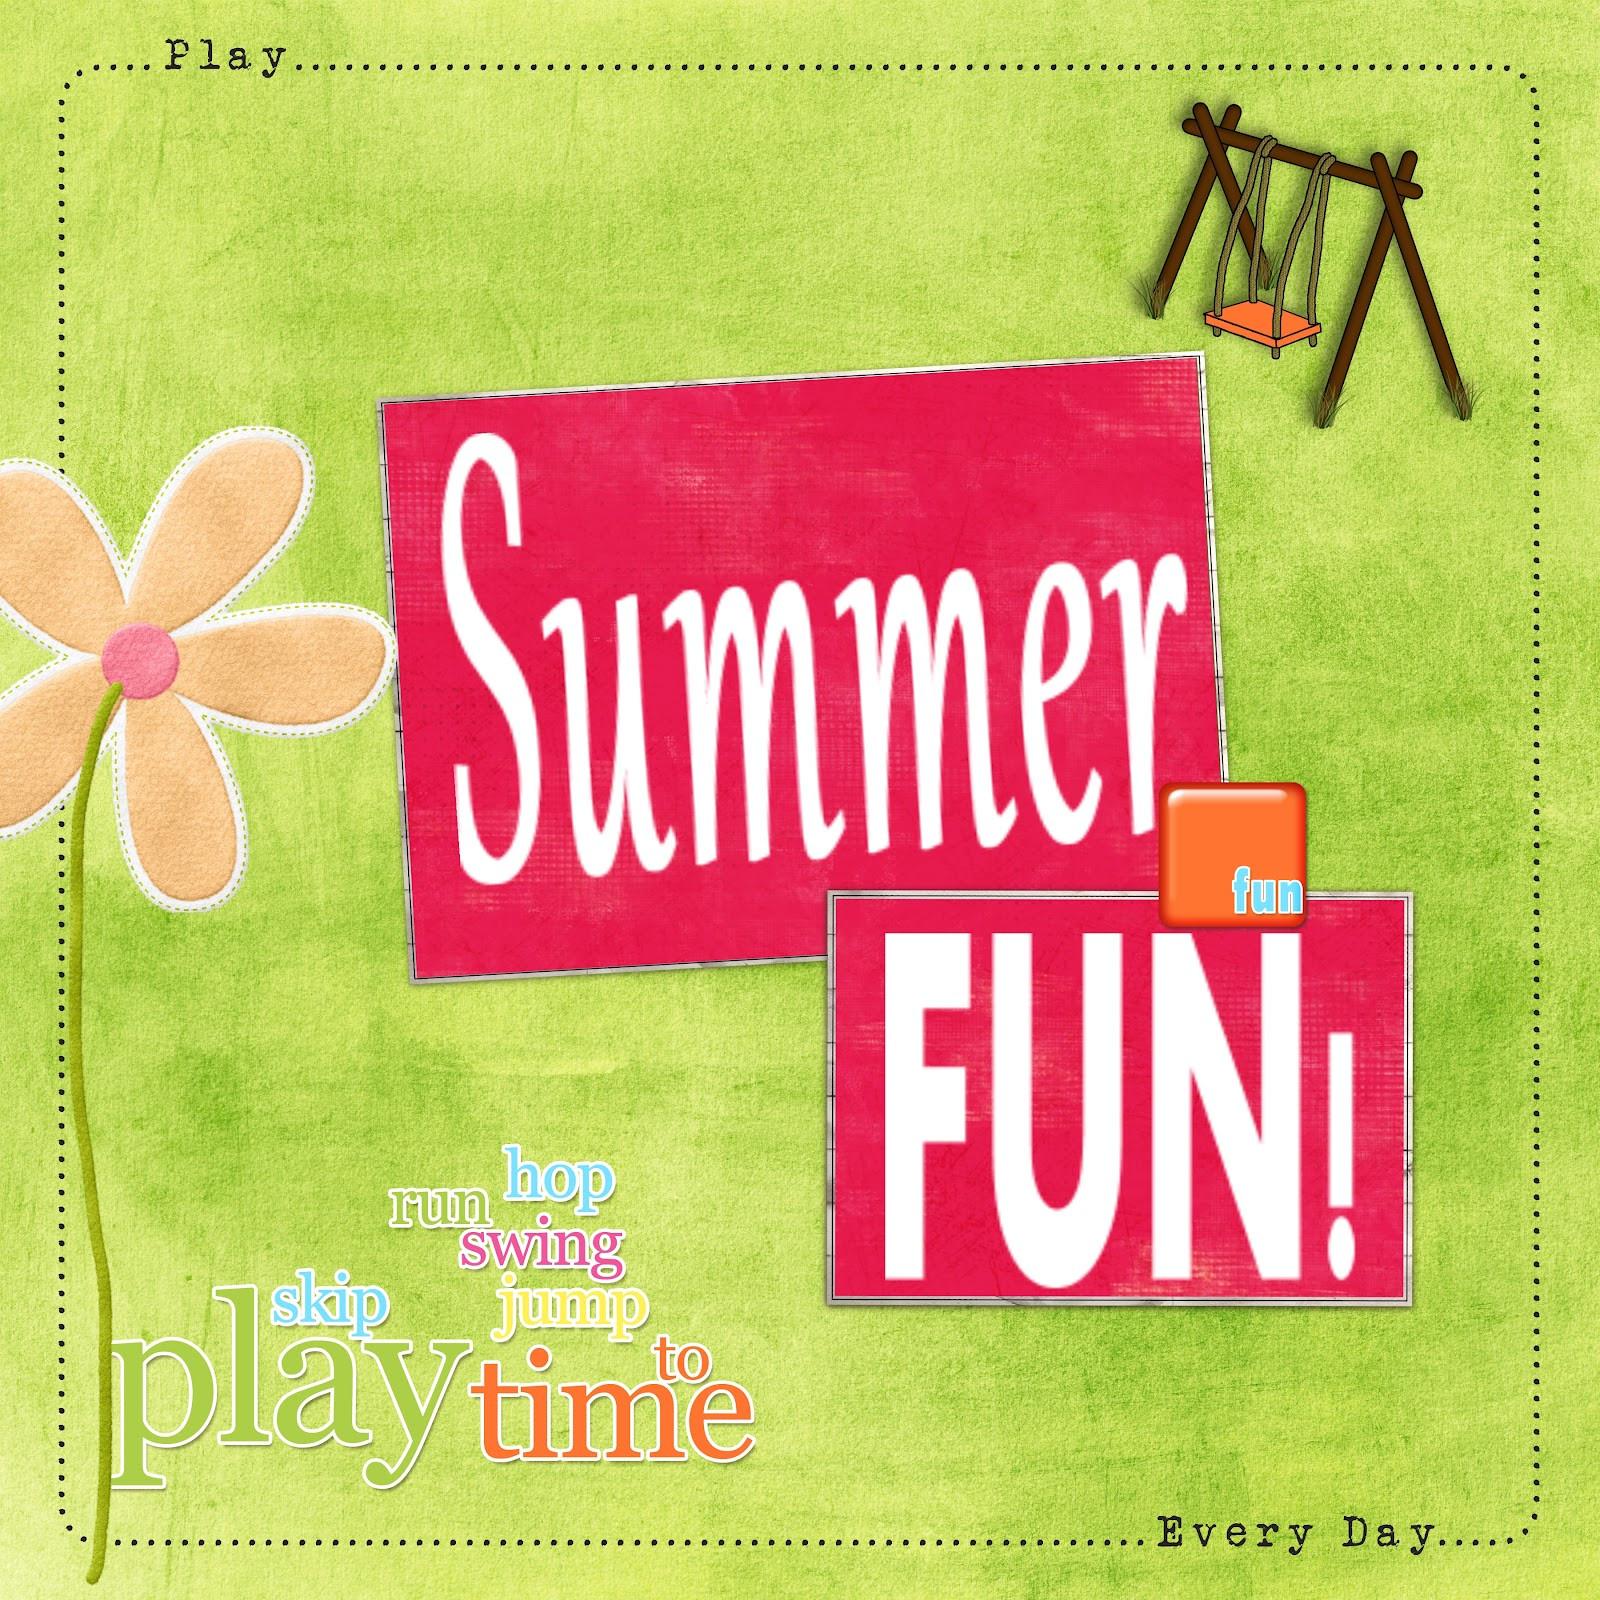 Summer Fun Quotes  Summertime Fun Quotes QuotesGram